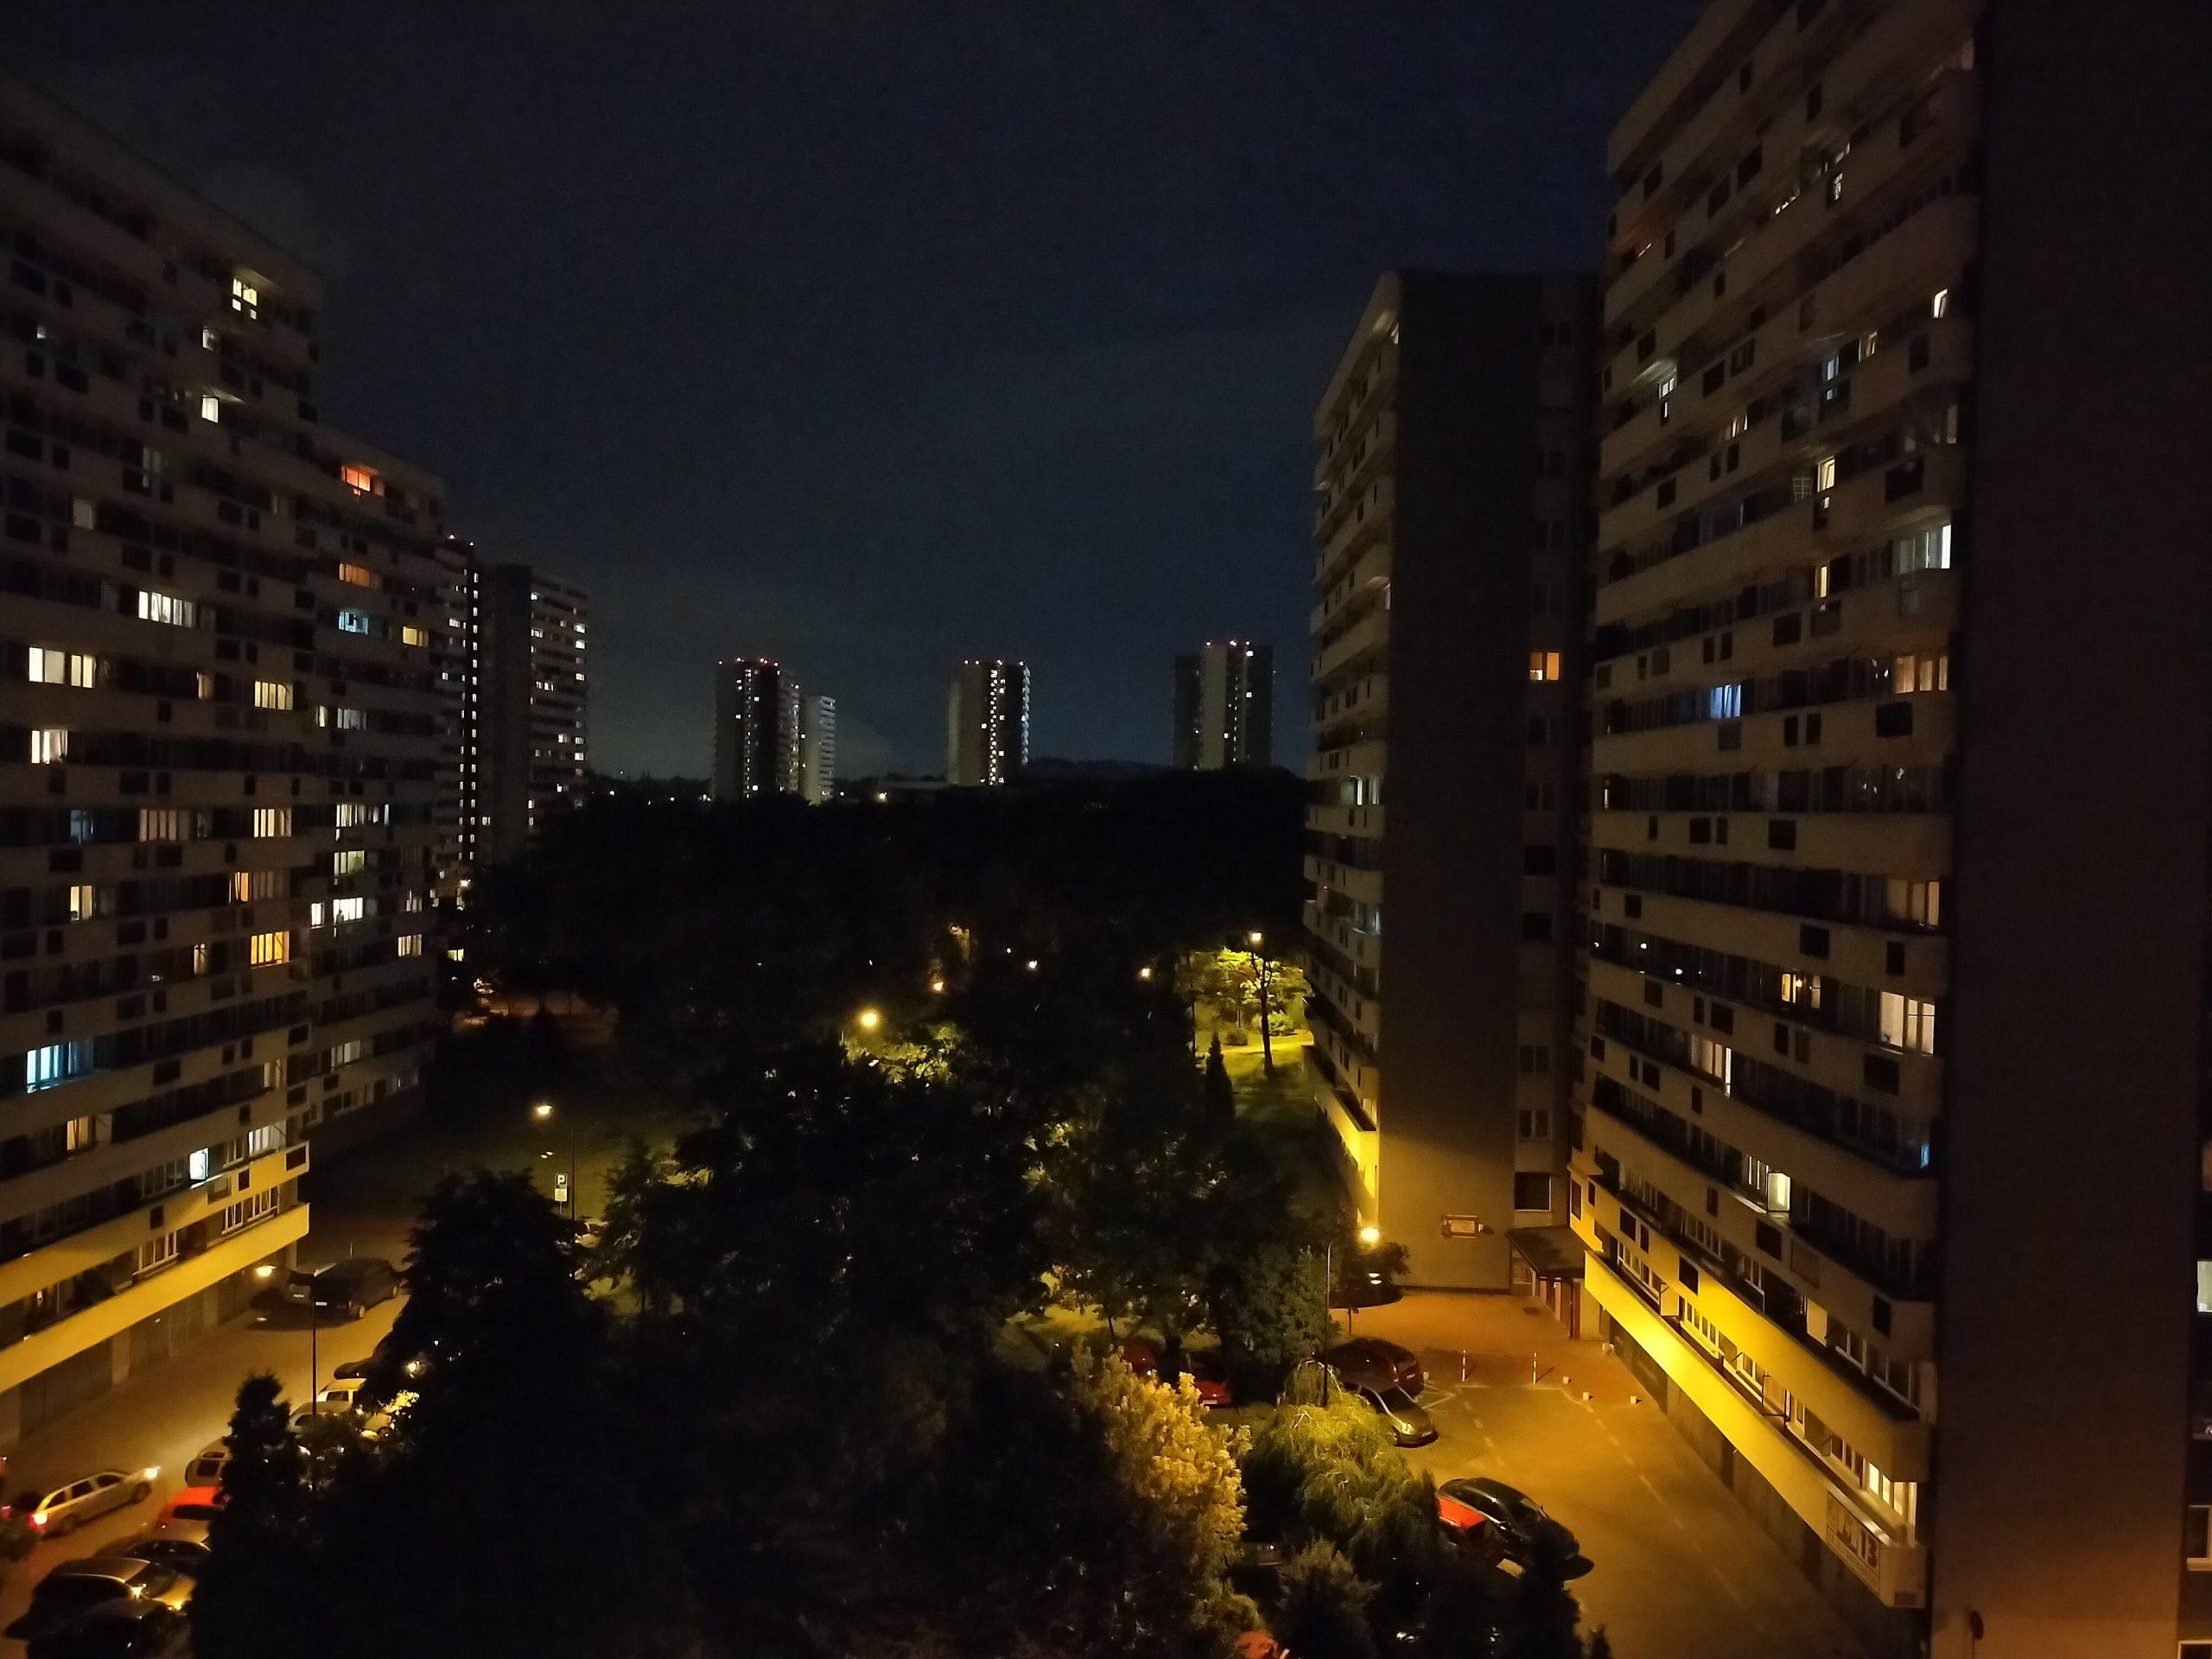 Zdjęcia nocne - Oppo A72